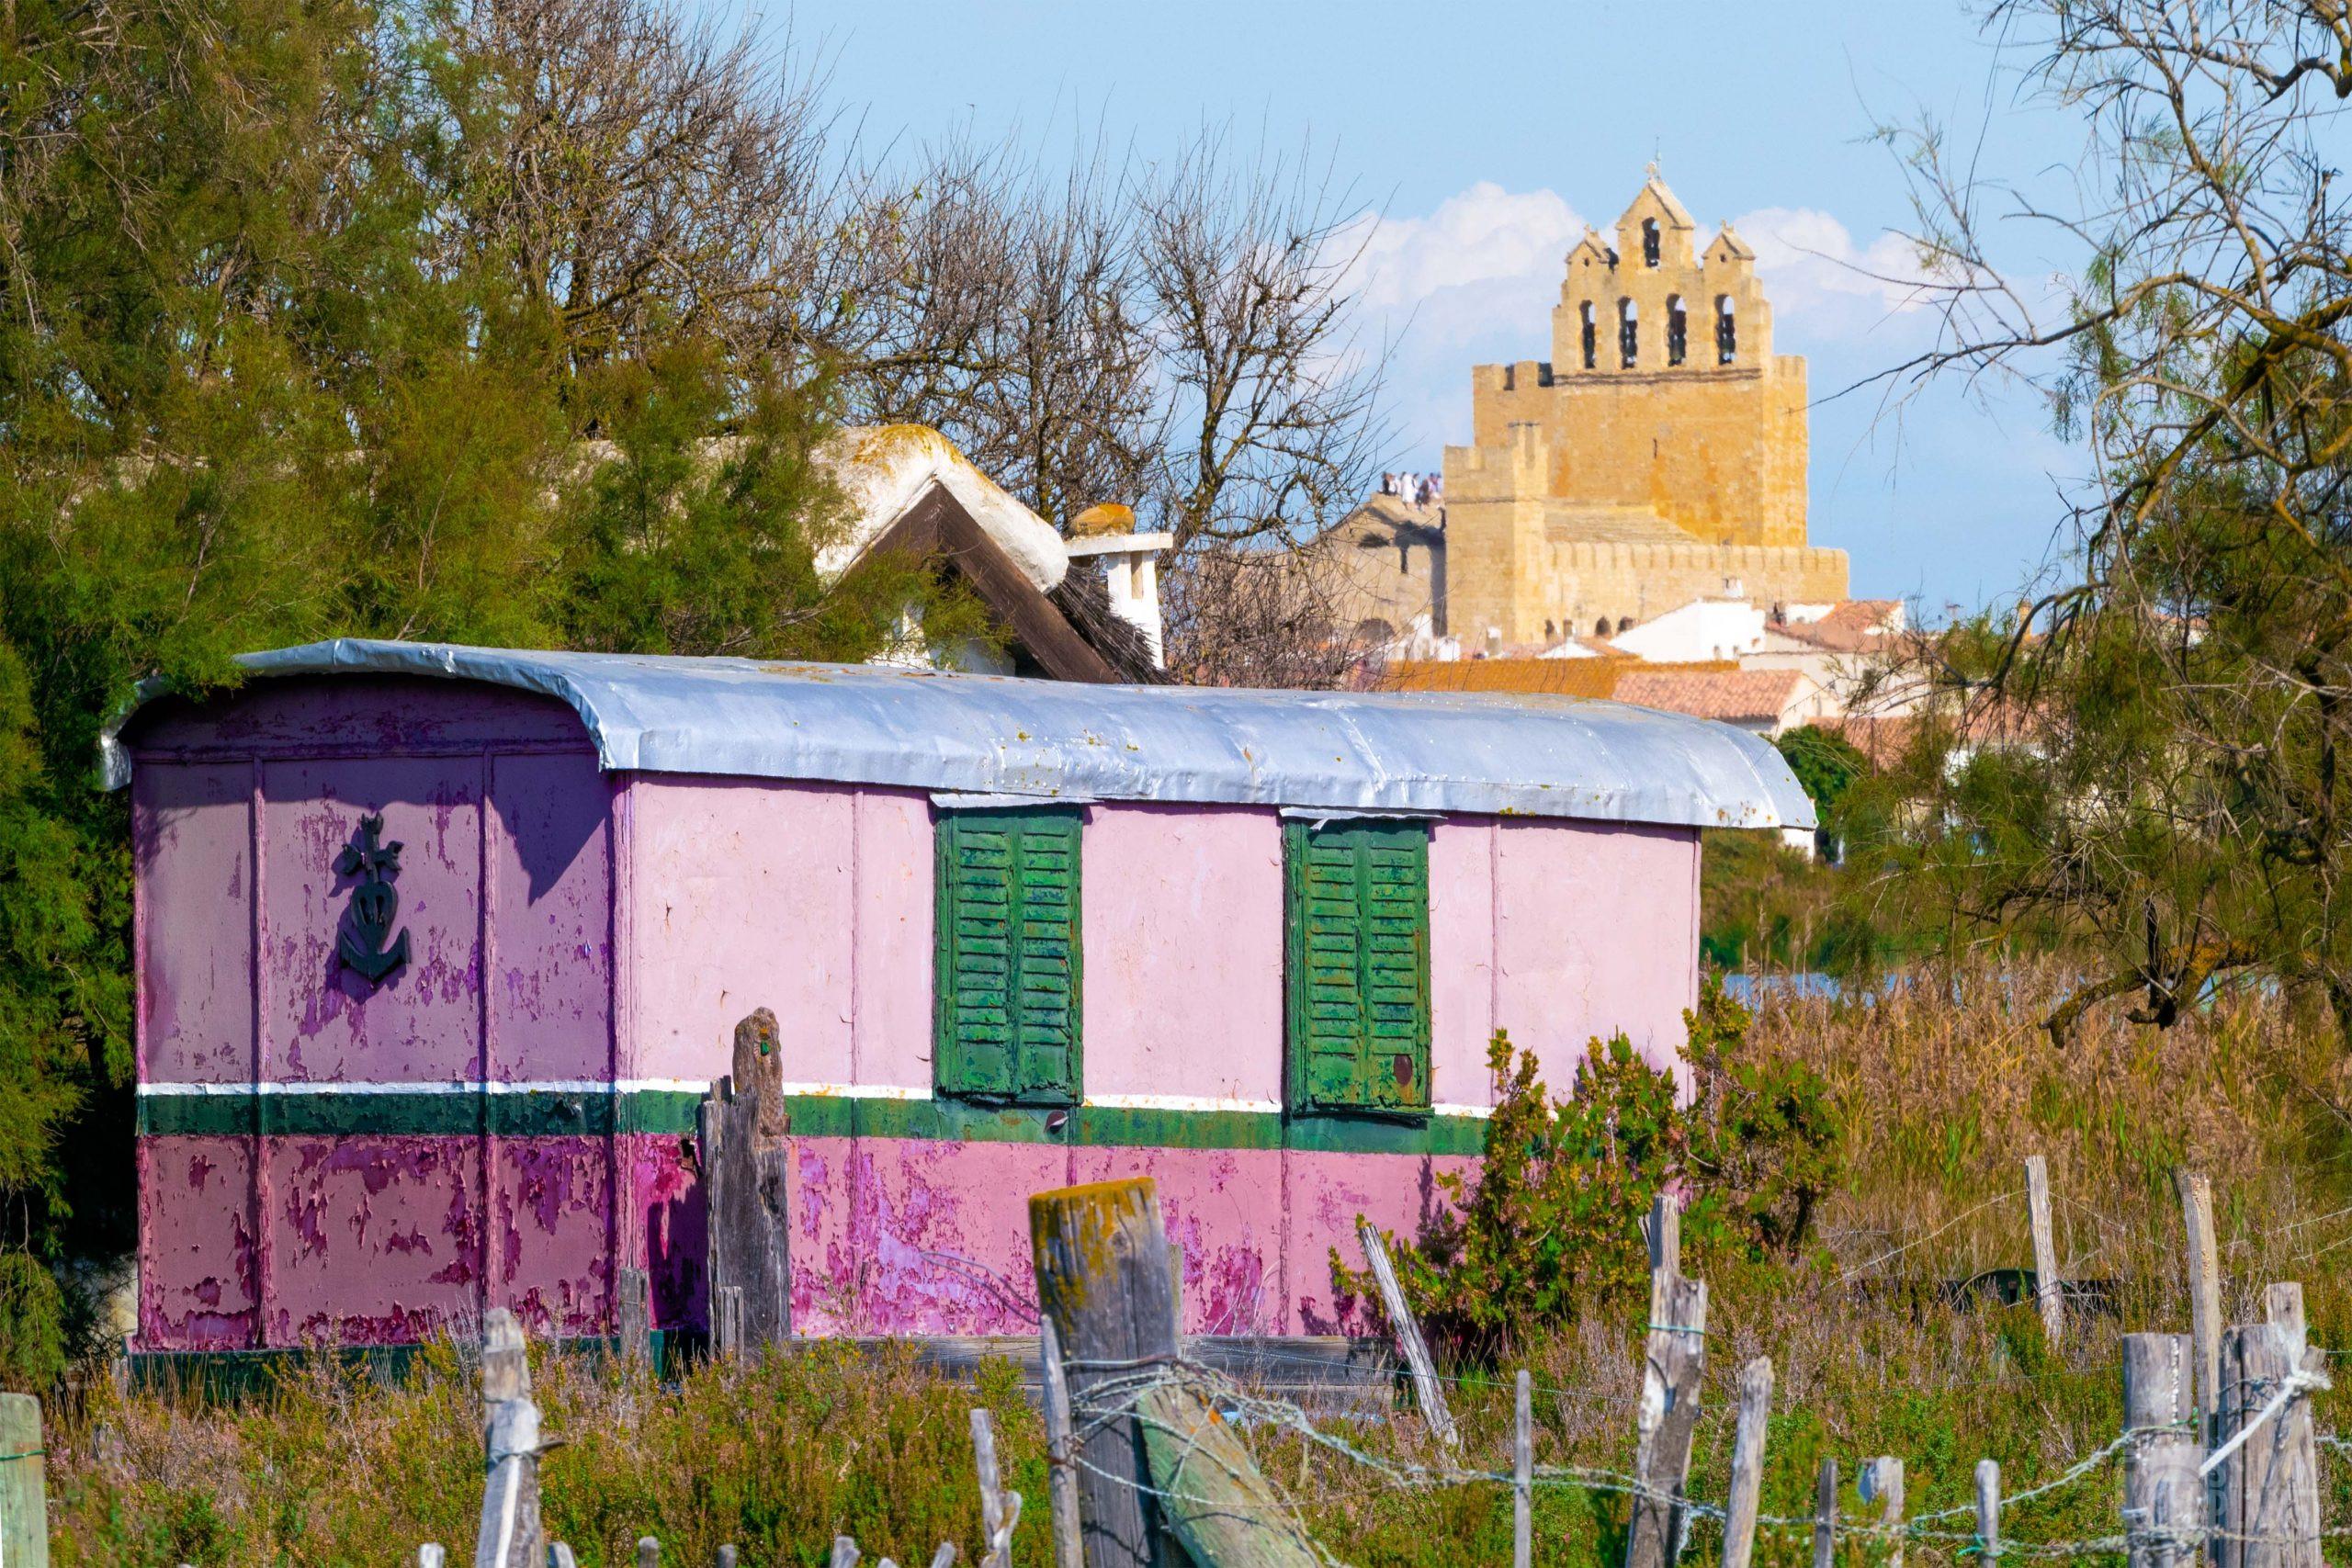 Saintes-Maries de la Mer gypsy caravan, Camargue France